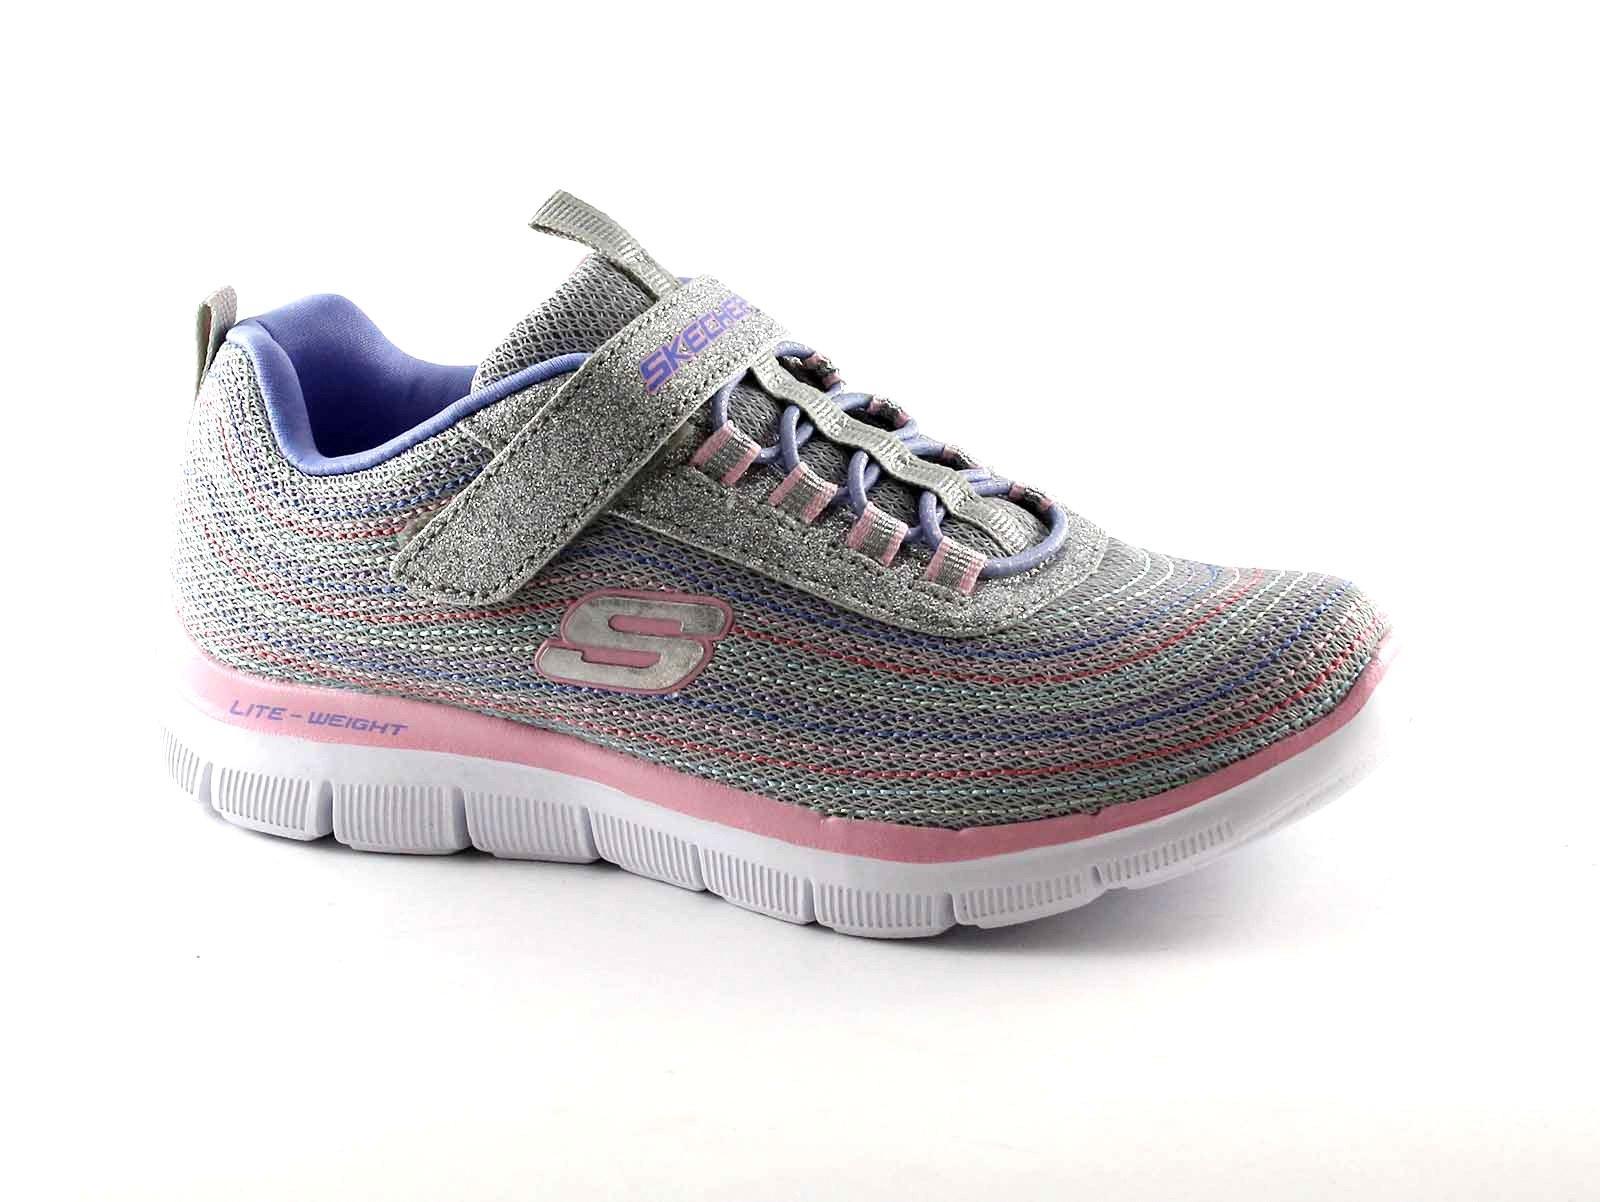 SKECHERS-81658L-gray-multi-grigio-scarpe-bambina-elastico-strappo-brillantini-me